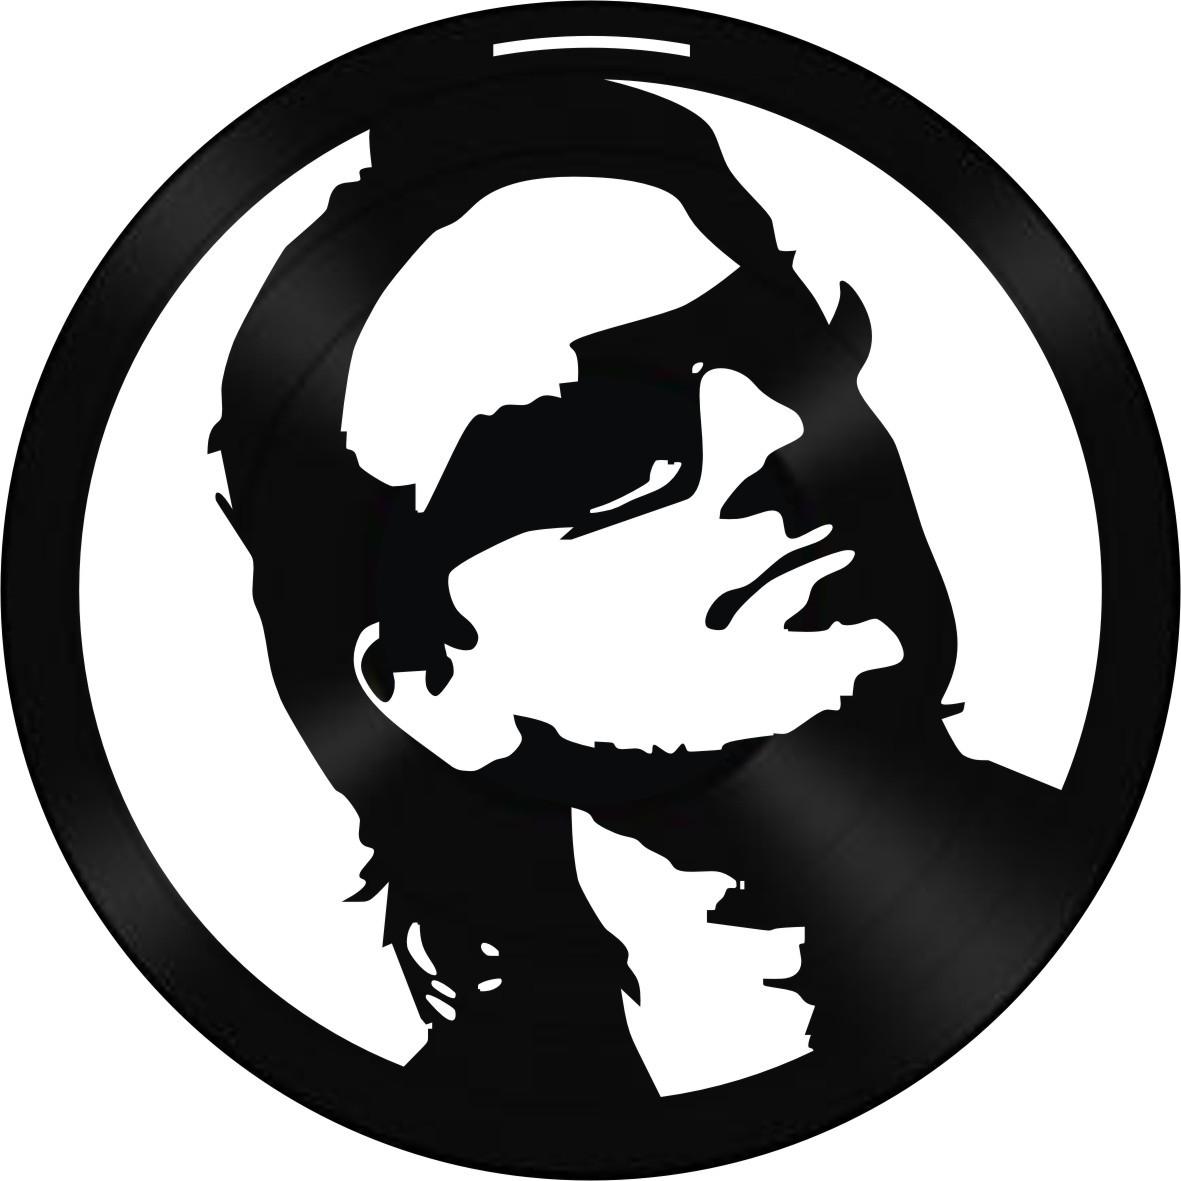 Disco de Vinil Decorativo Bono Vox